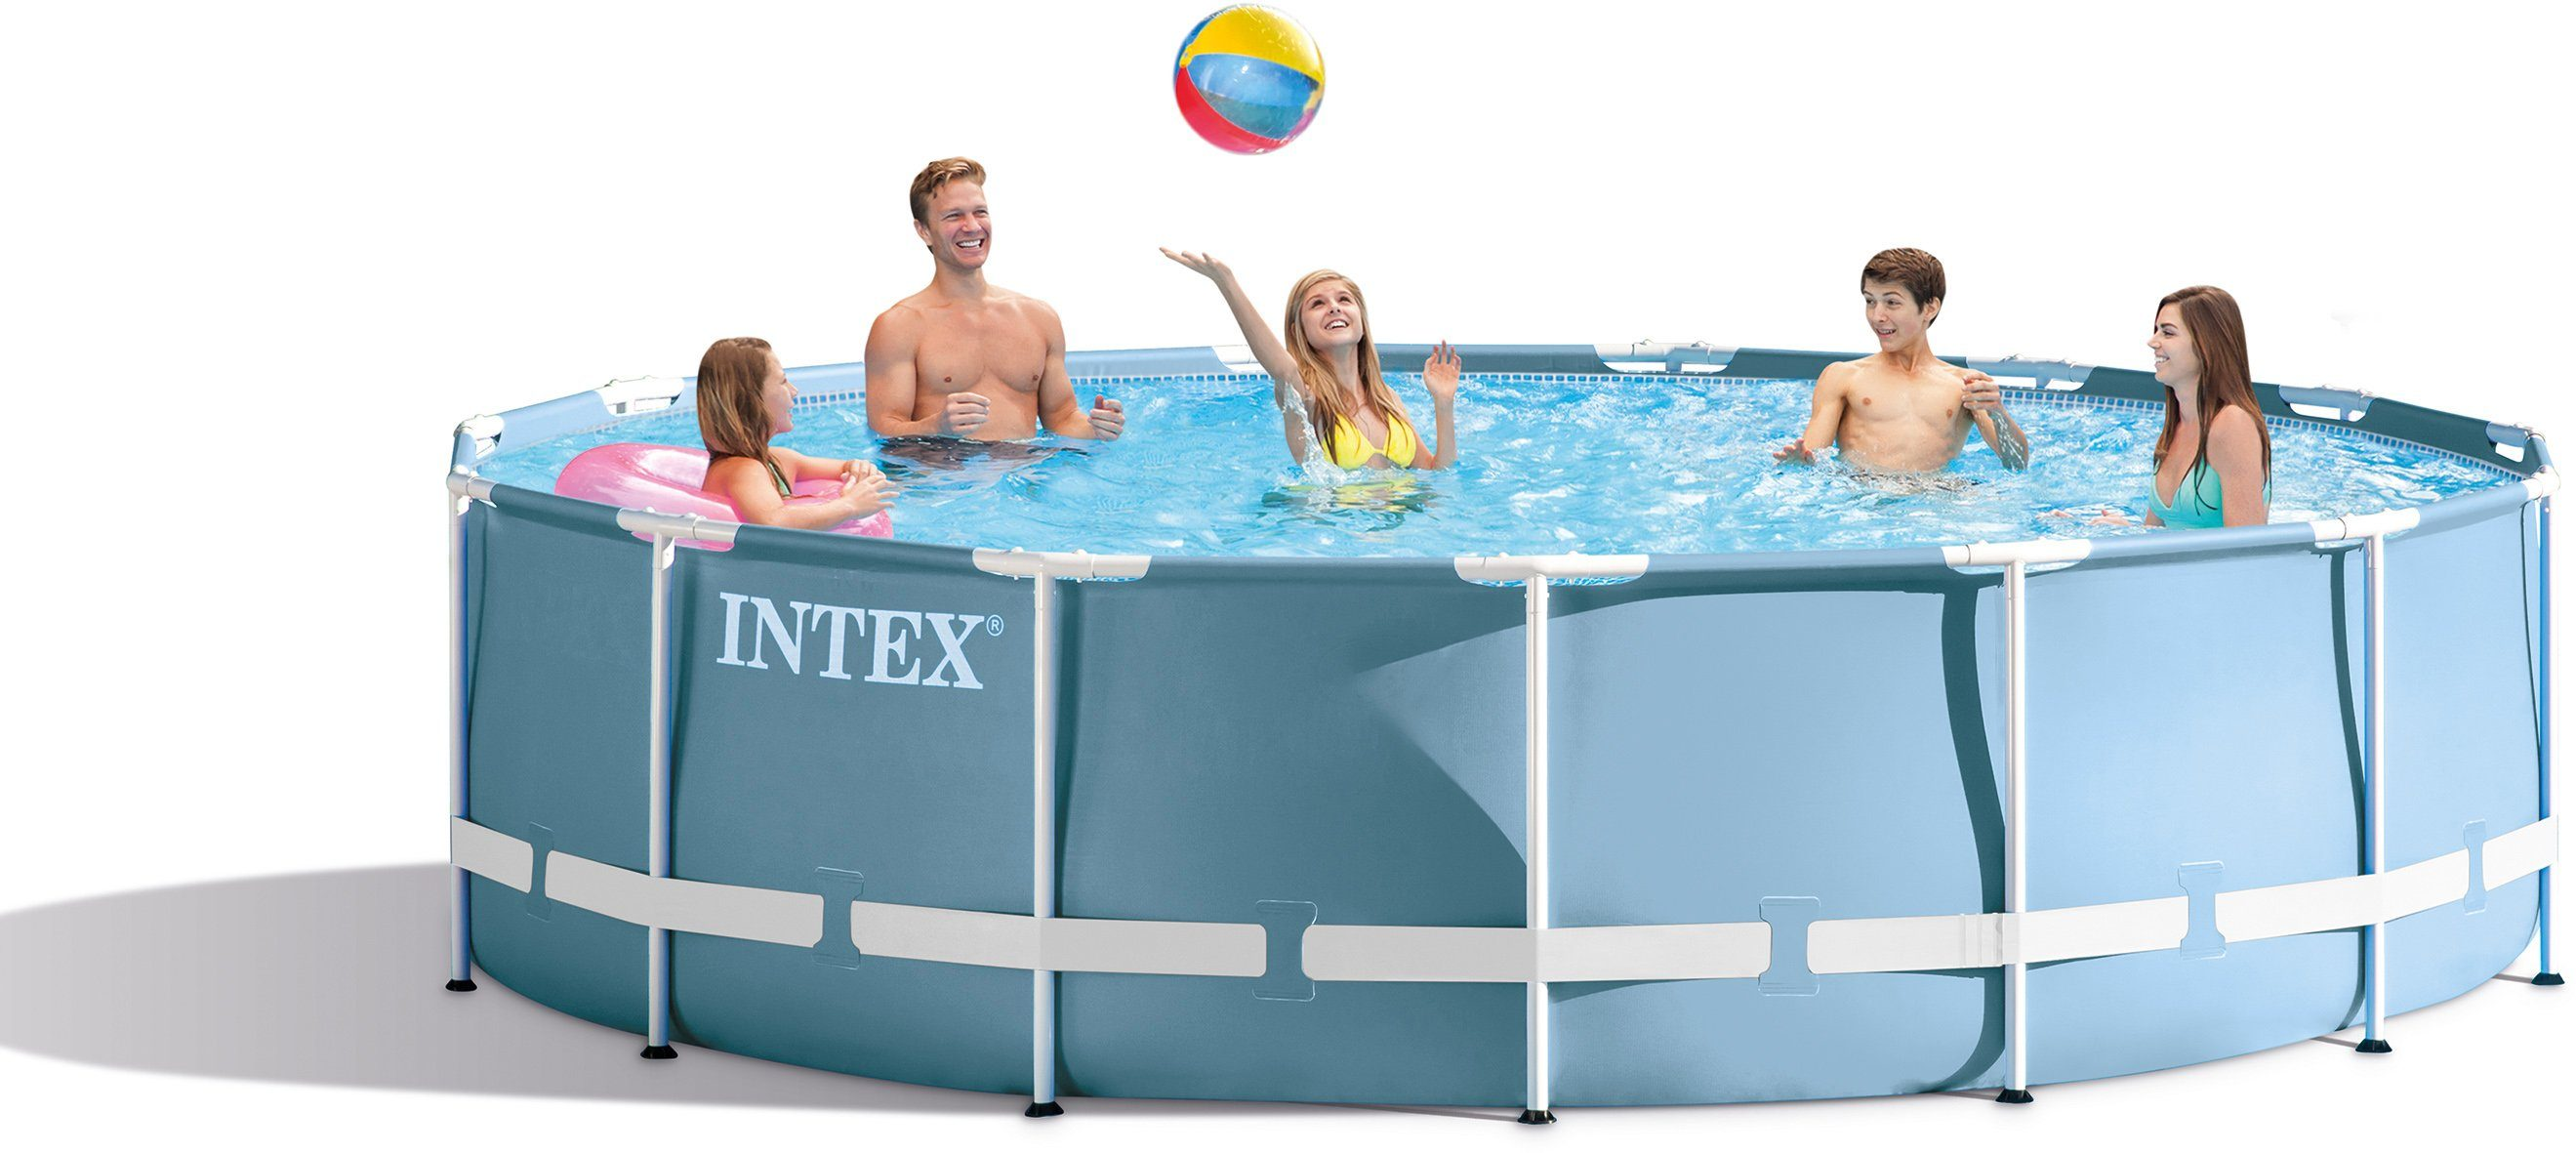 Intex Pool-Komplettset, »PRISM Frame Pool-Komplettset«